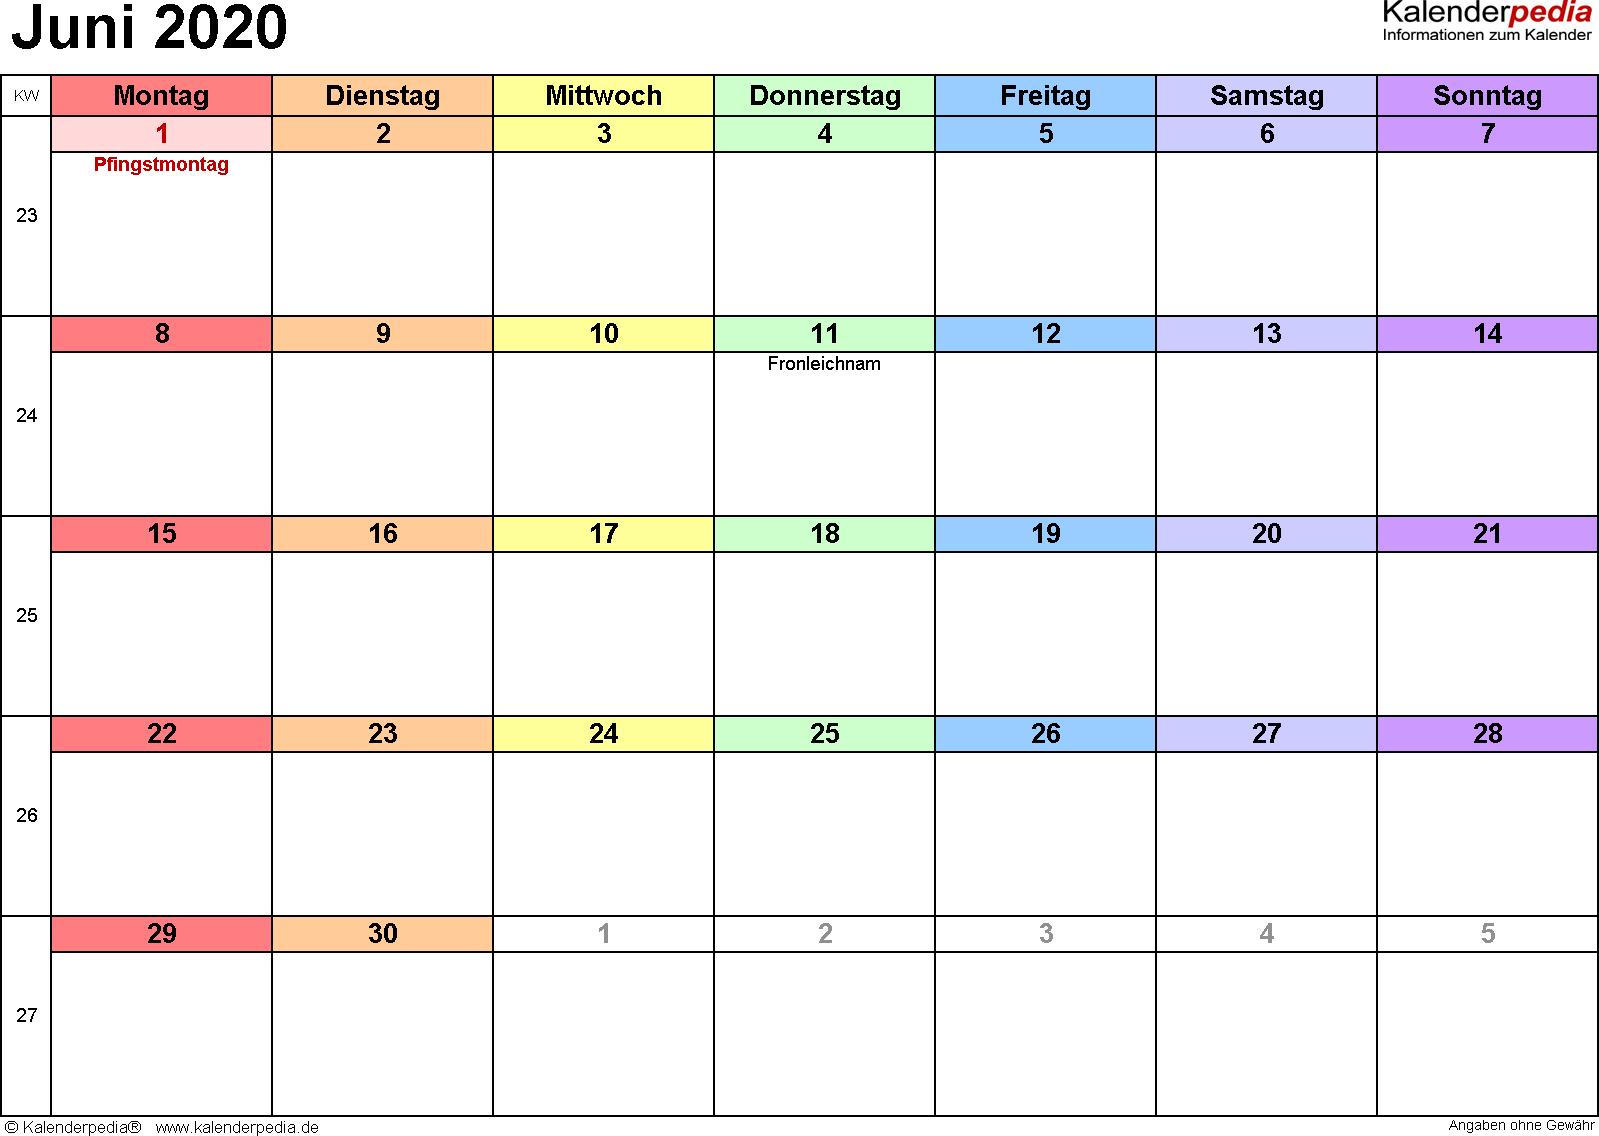 Kalender Juni 2020 (Querformat) als Word-Vorlage